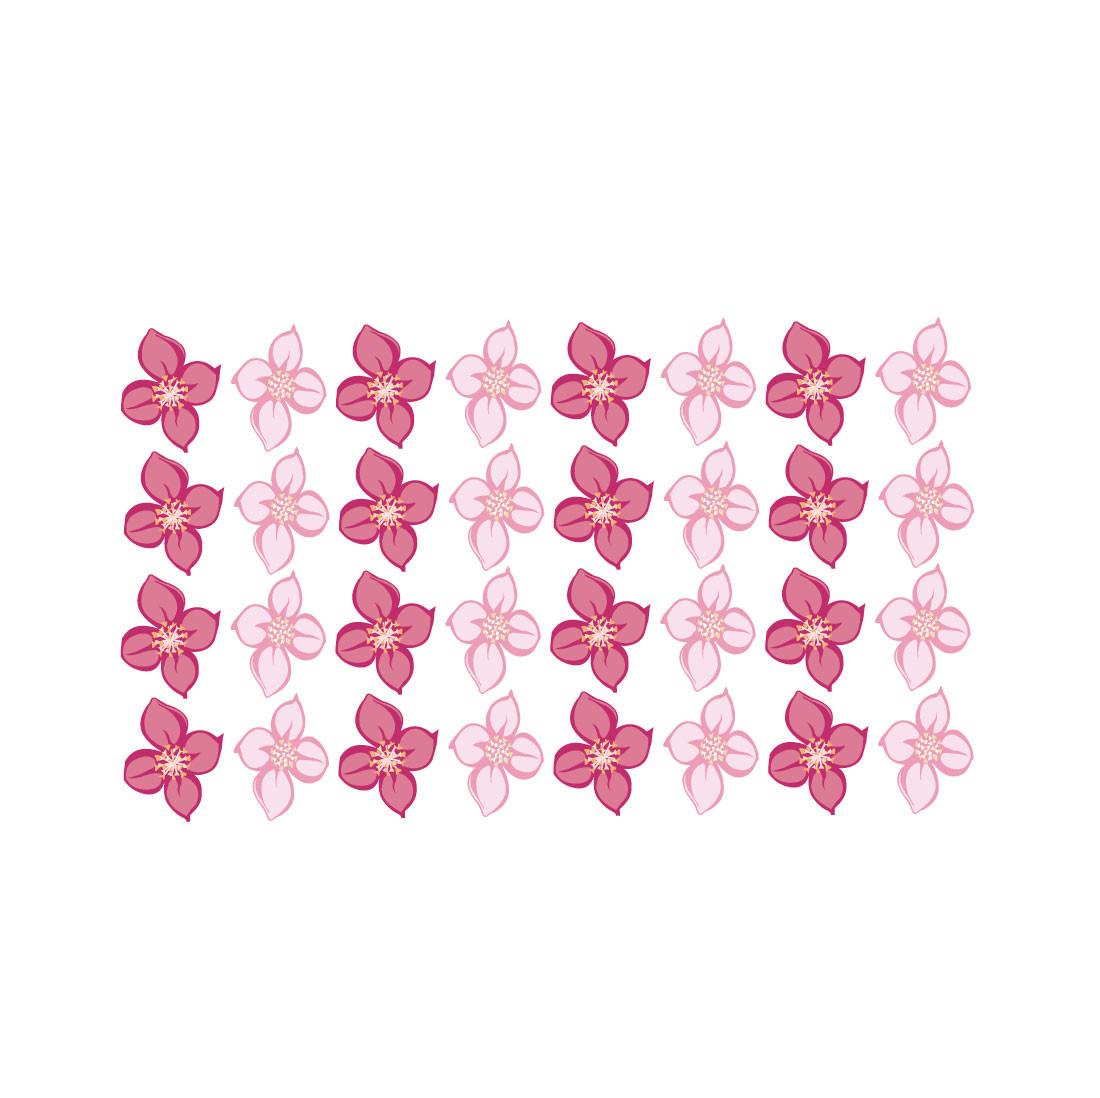 Personalizado - 30 Flores Galho FL01-71